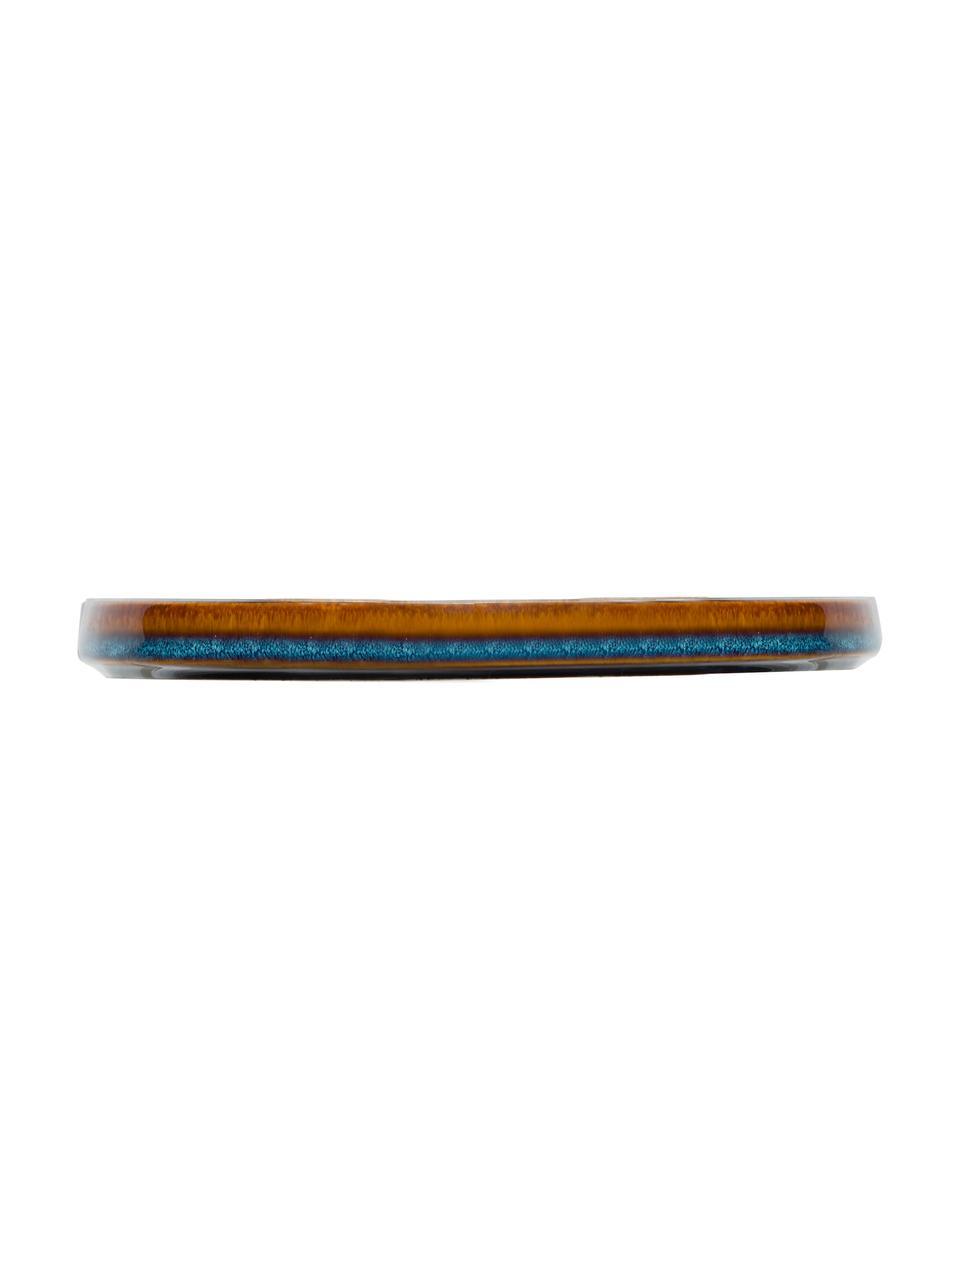 Ręcznie wykonany talerz śniadaniowy Quintana, 2 szt., Porcelana, Odcienie bursztynowego, brązowy, niebieski, Ø 22 cm